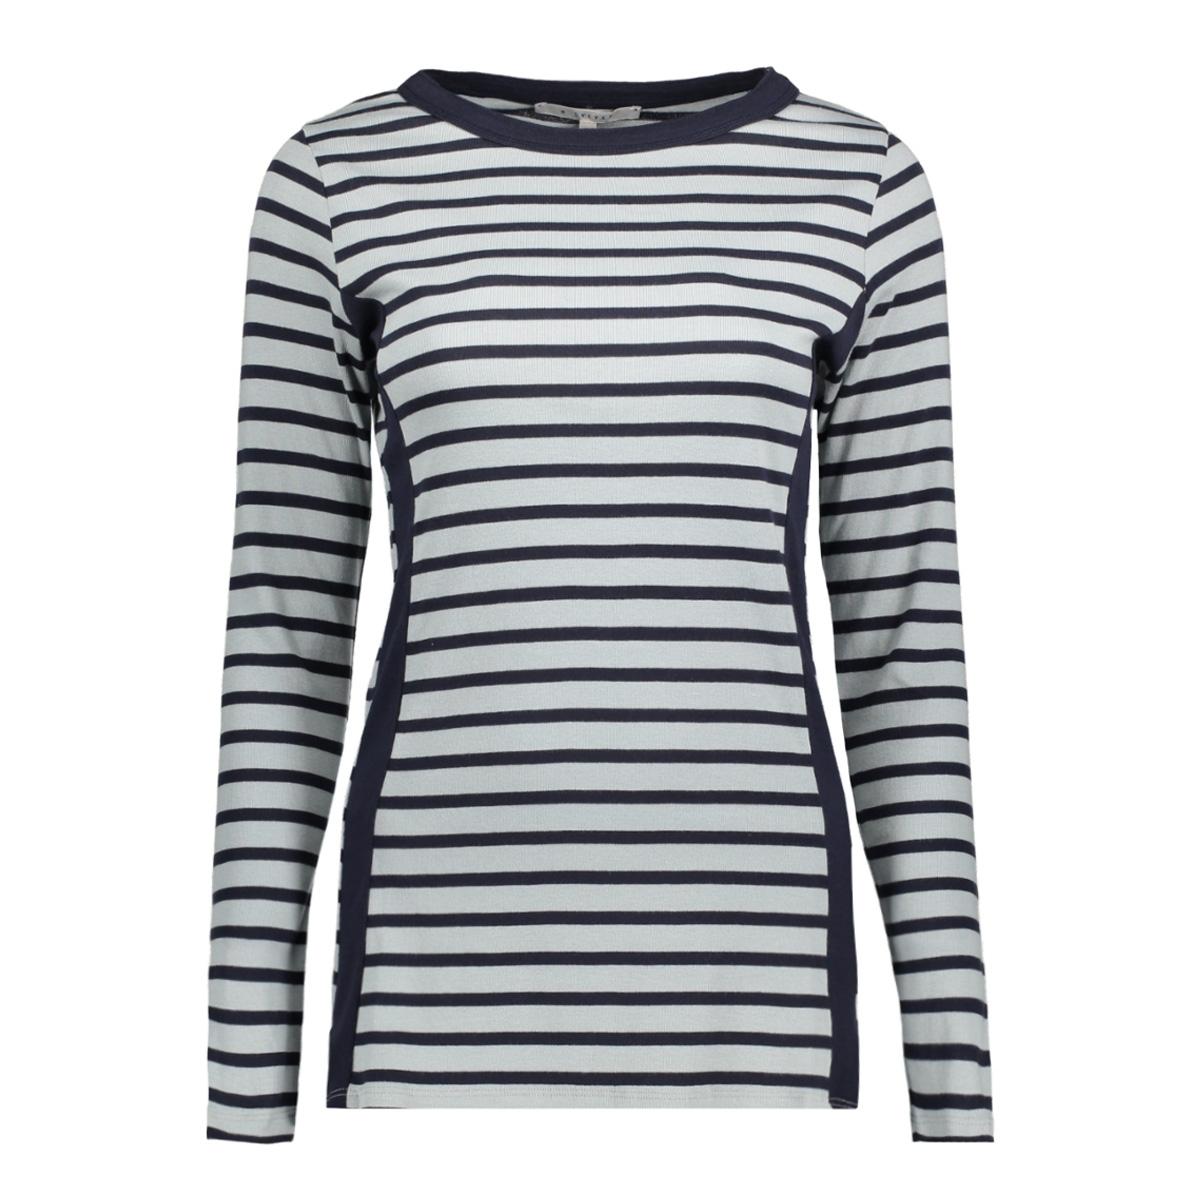 560206 sylver t-shirt 741